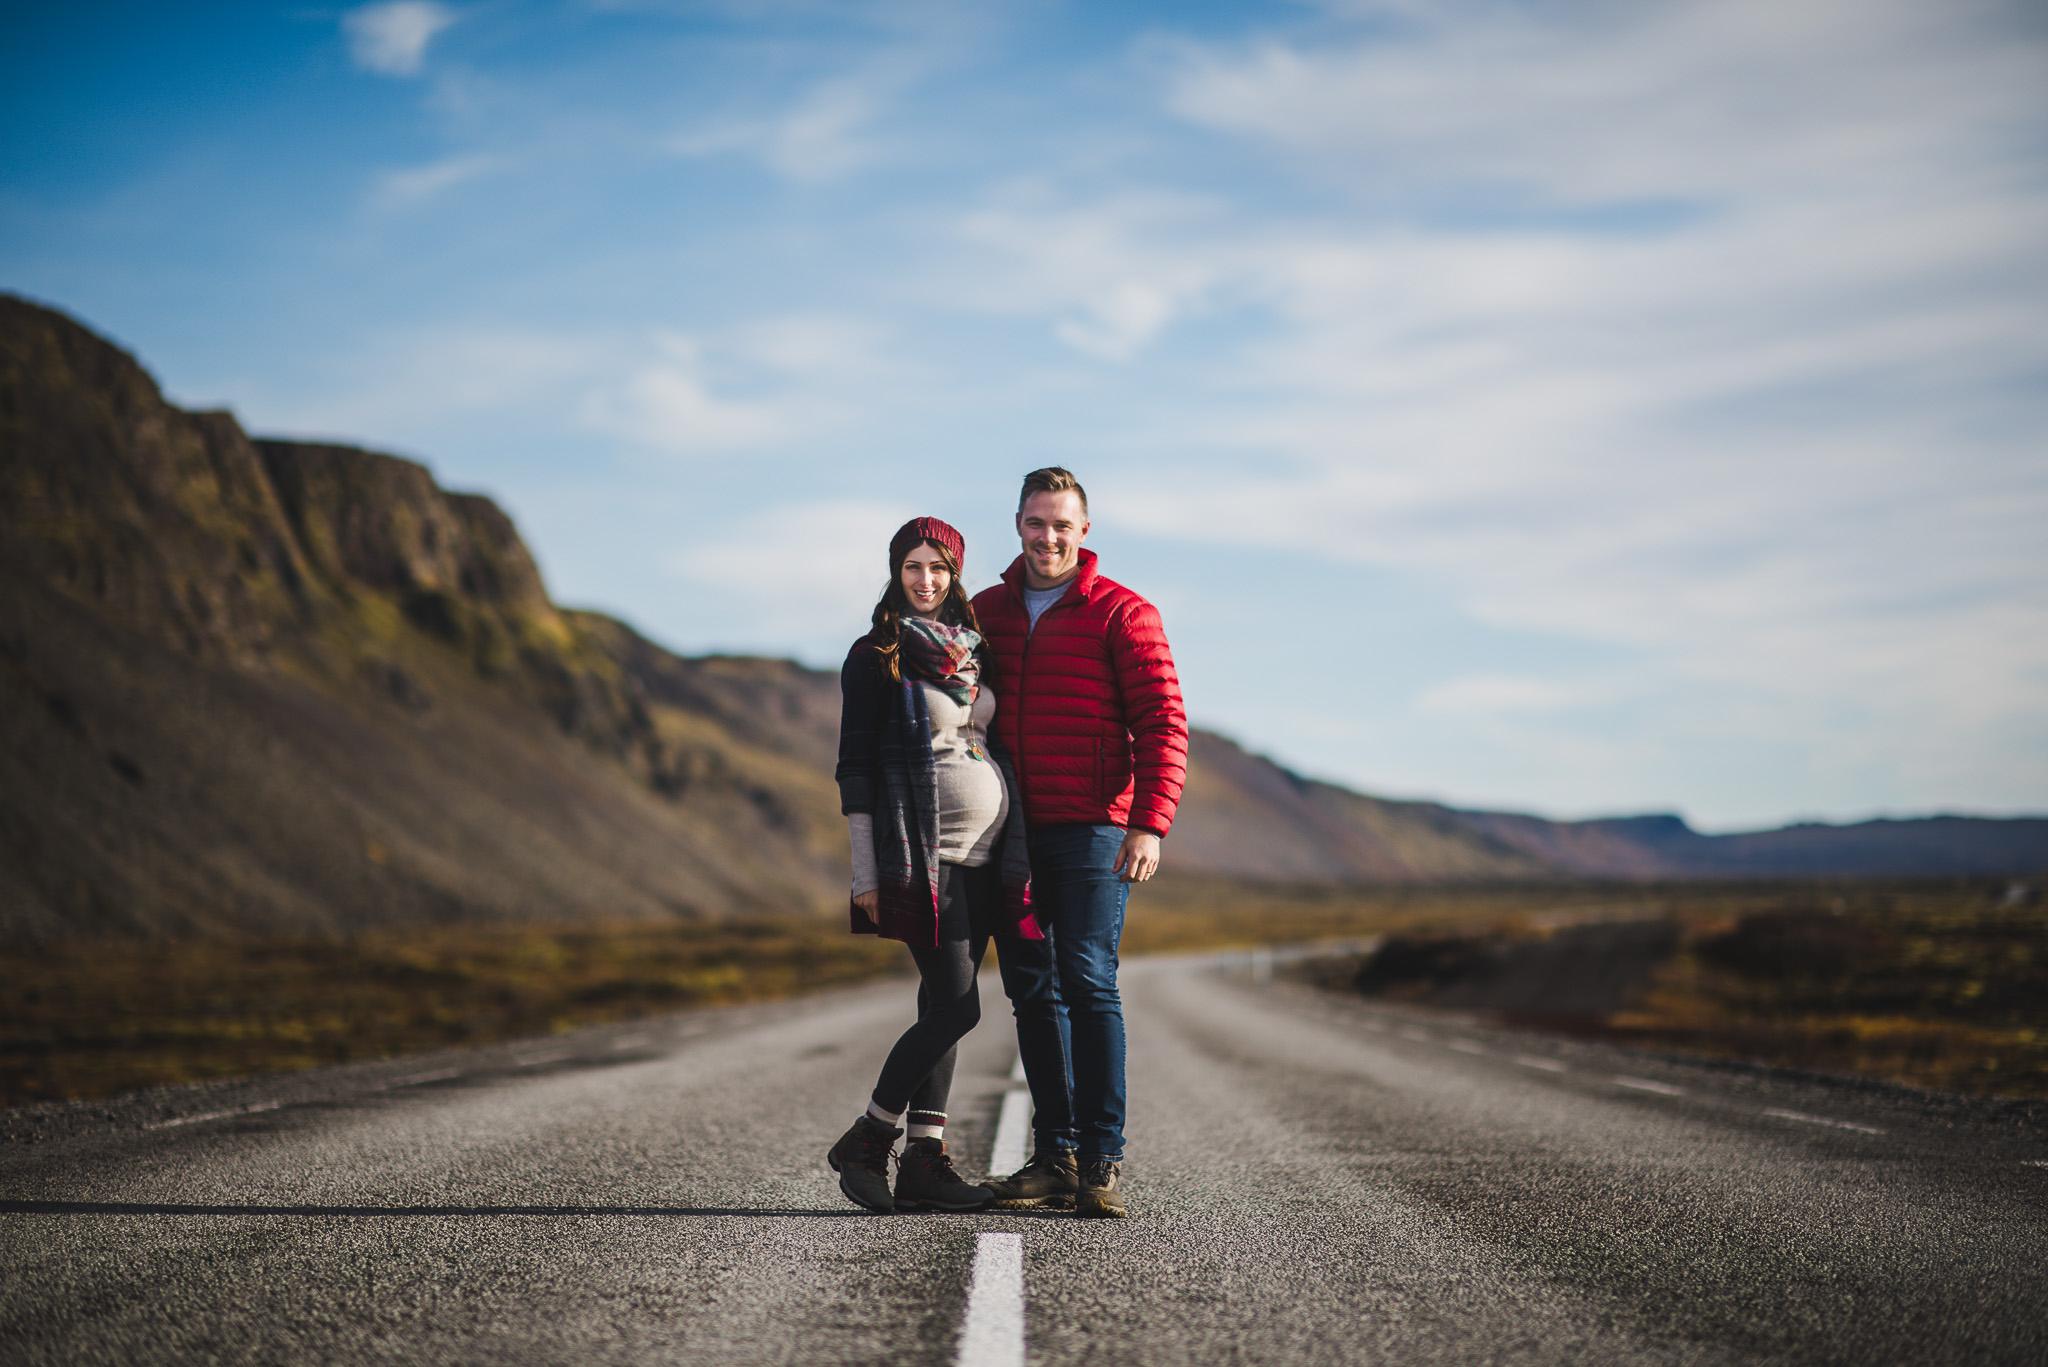 Road selfies are the road-trippingest selfies!